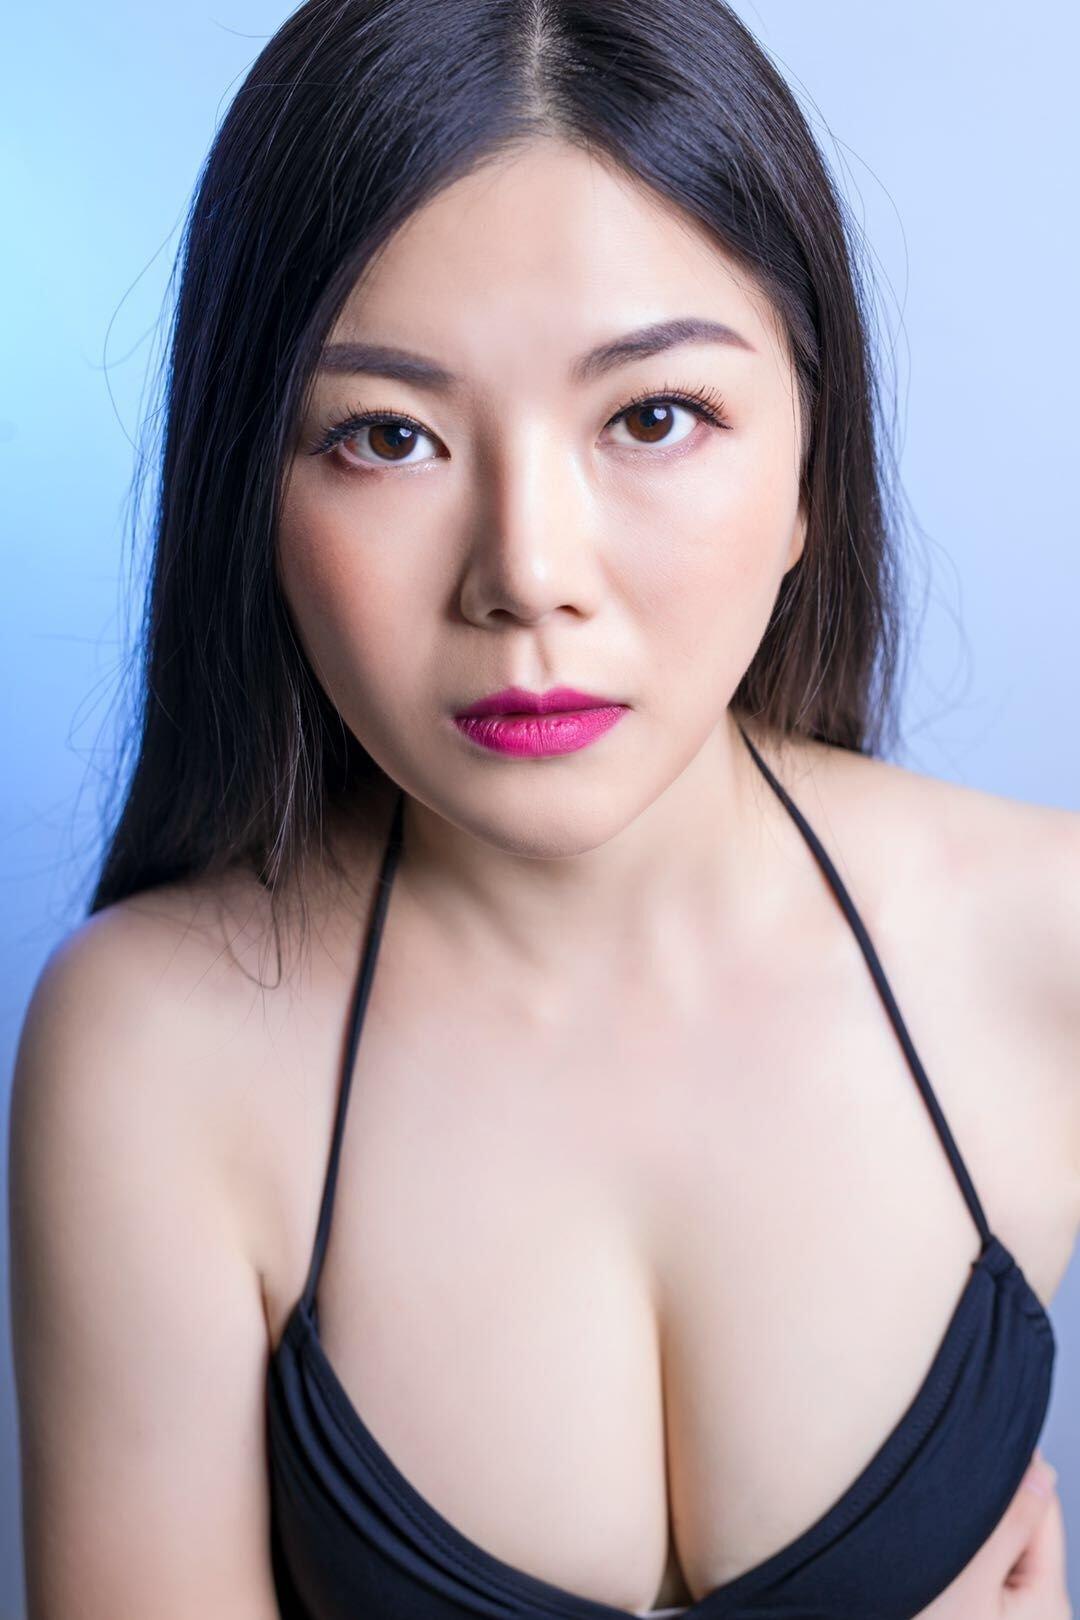 sxey gril escort girl korea